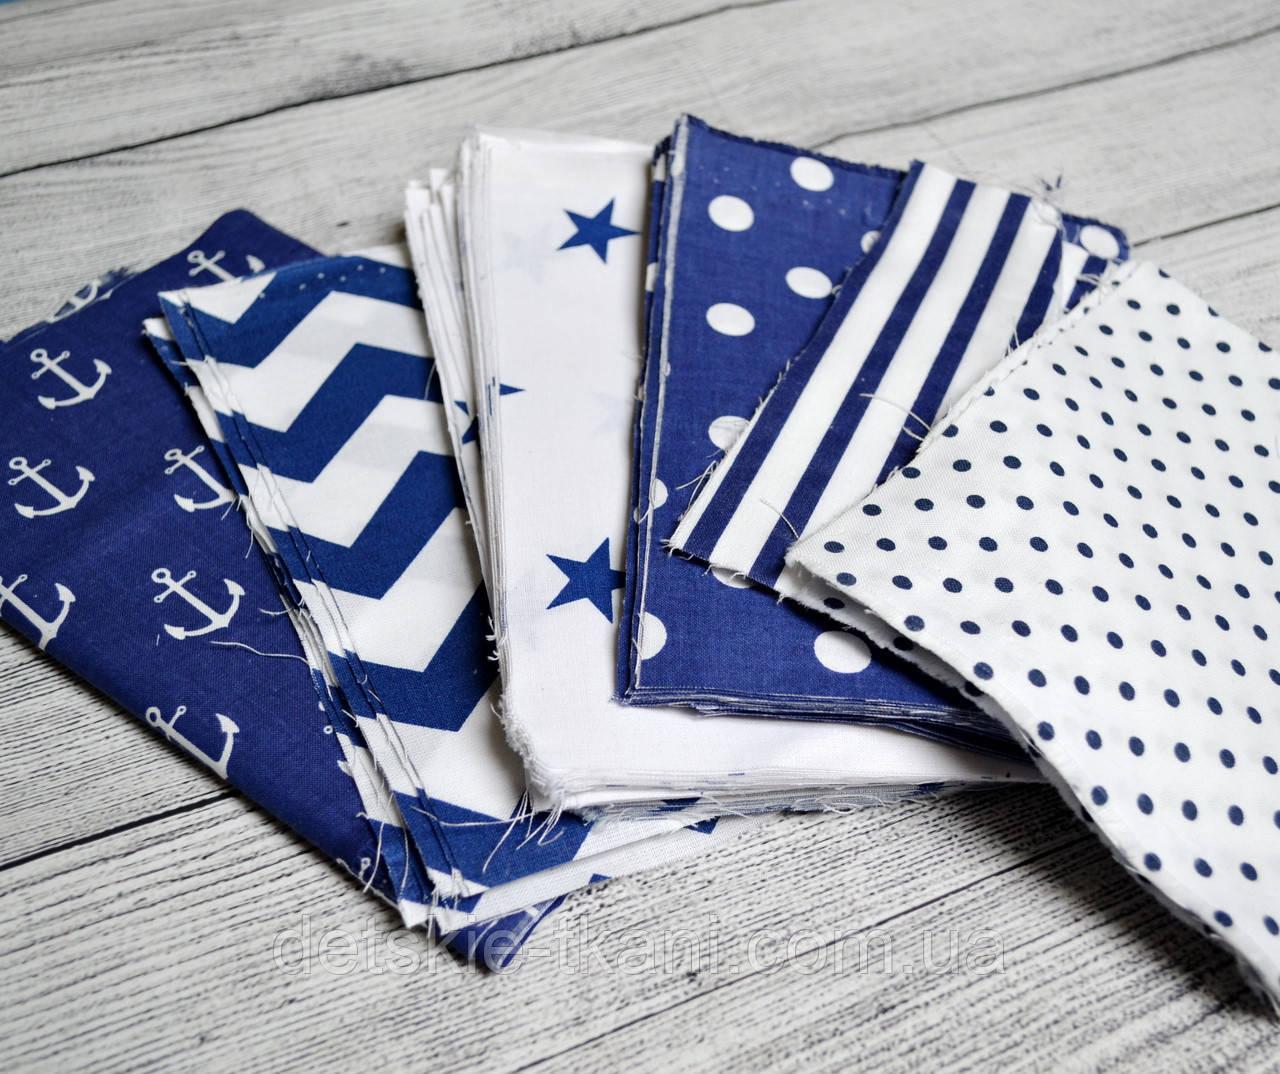 Лоскуты тканей для рукоделия набором синего цвета с якорями, №56